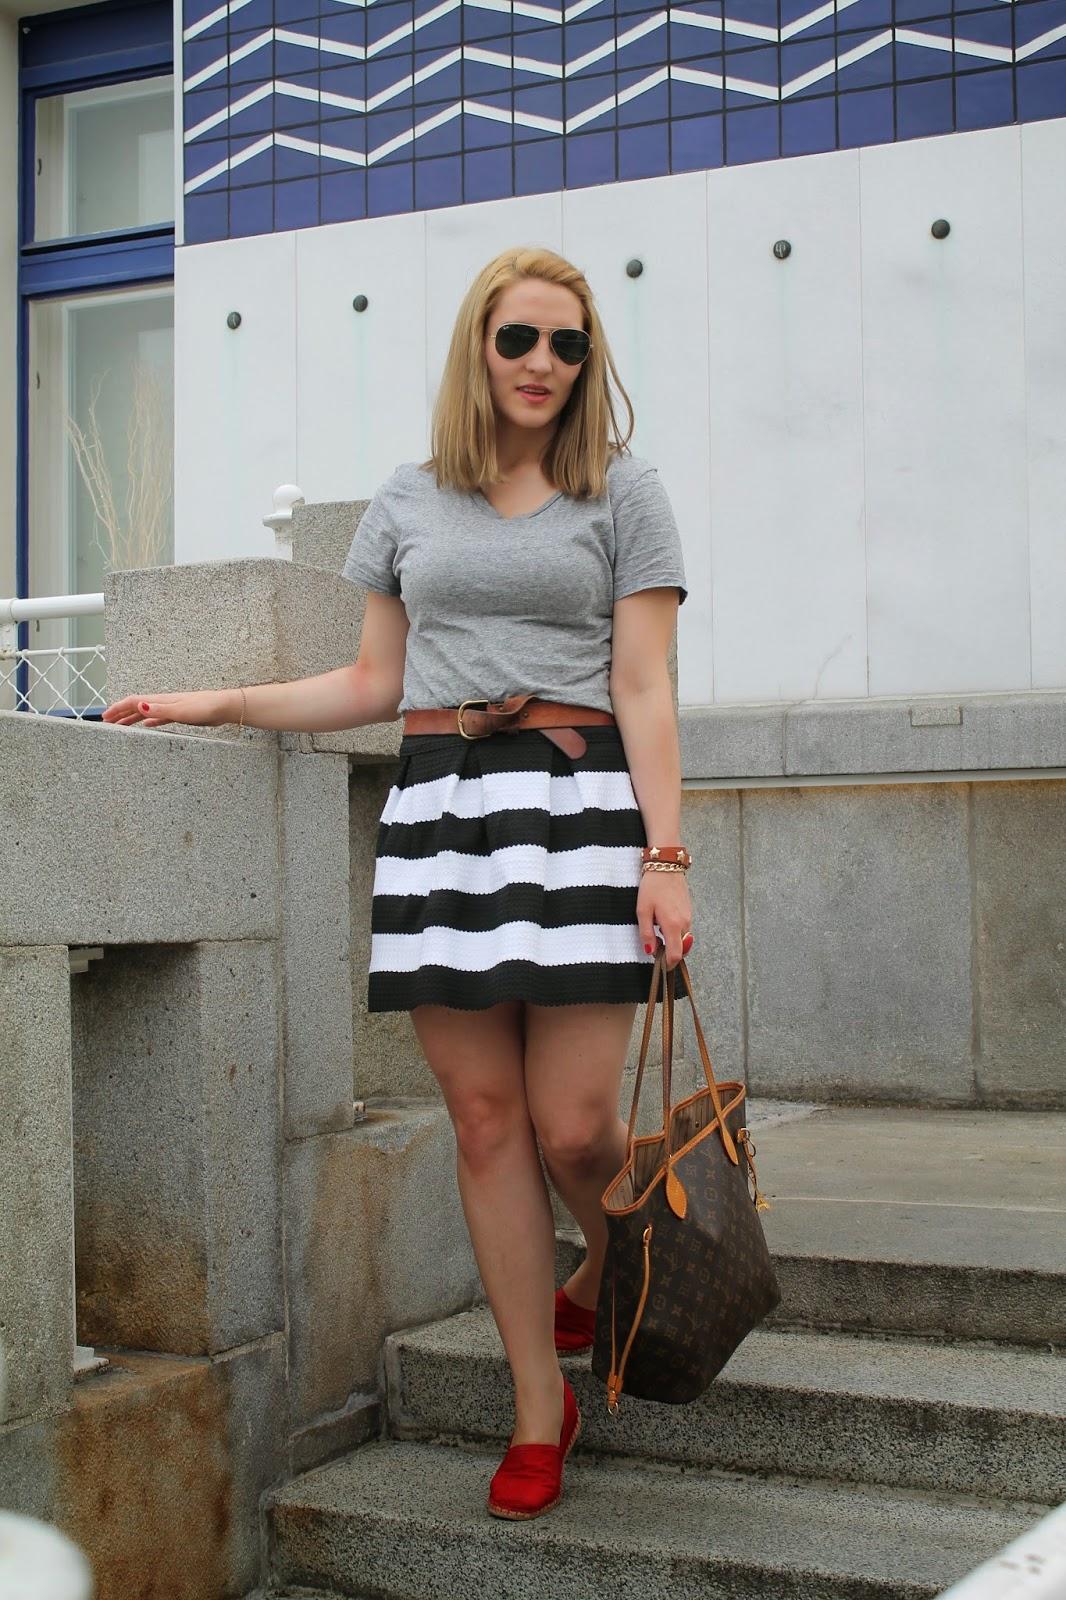 Fashionblogger Austria / Österreich / Deutsch / German / Kärnten / Carinthia / Klagenfurt / Köttmannsdorf / Spring Look / Classy / Edgy / Summer / Summer Style 2014 / Summer Look / Fashionista Look /